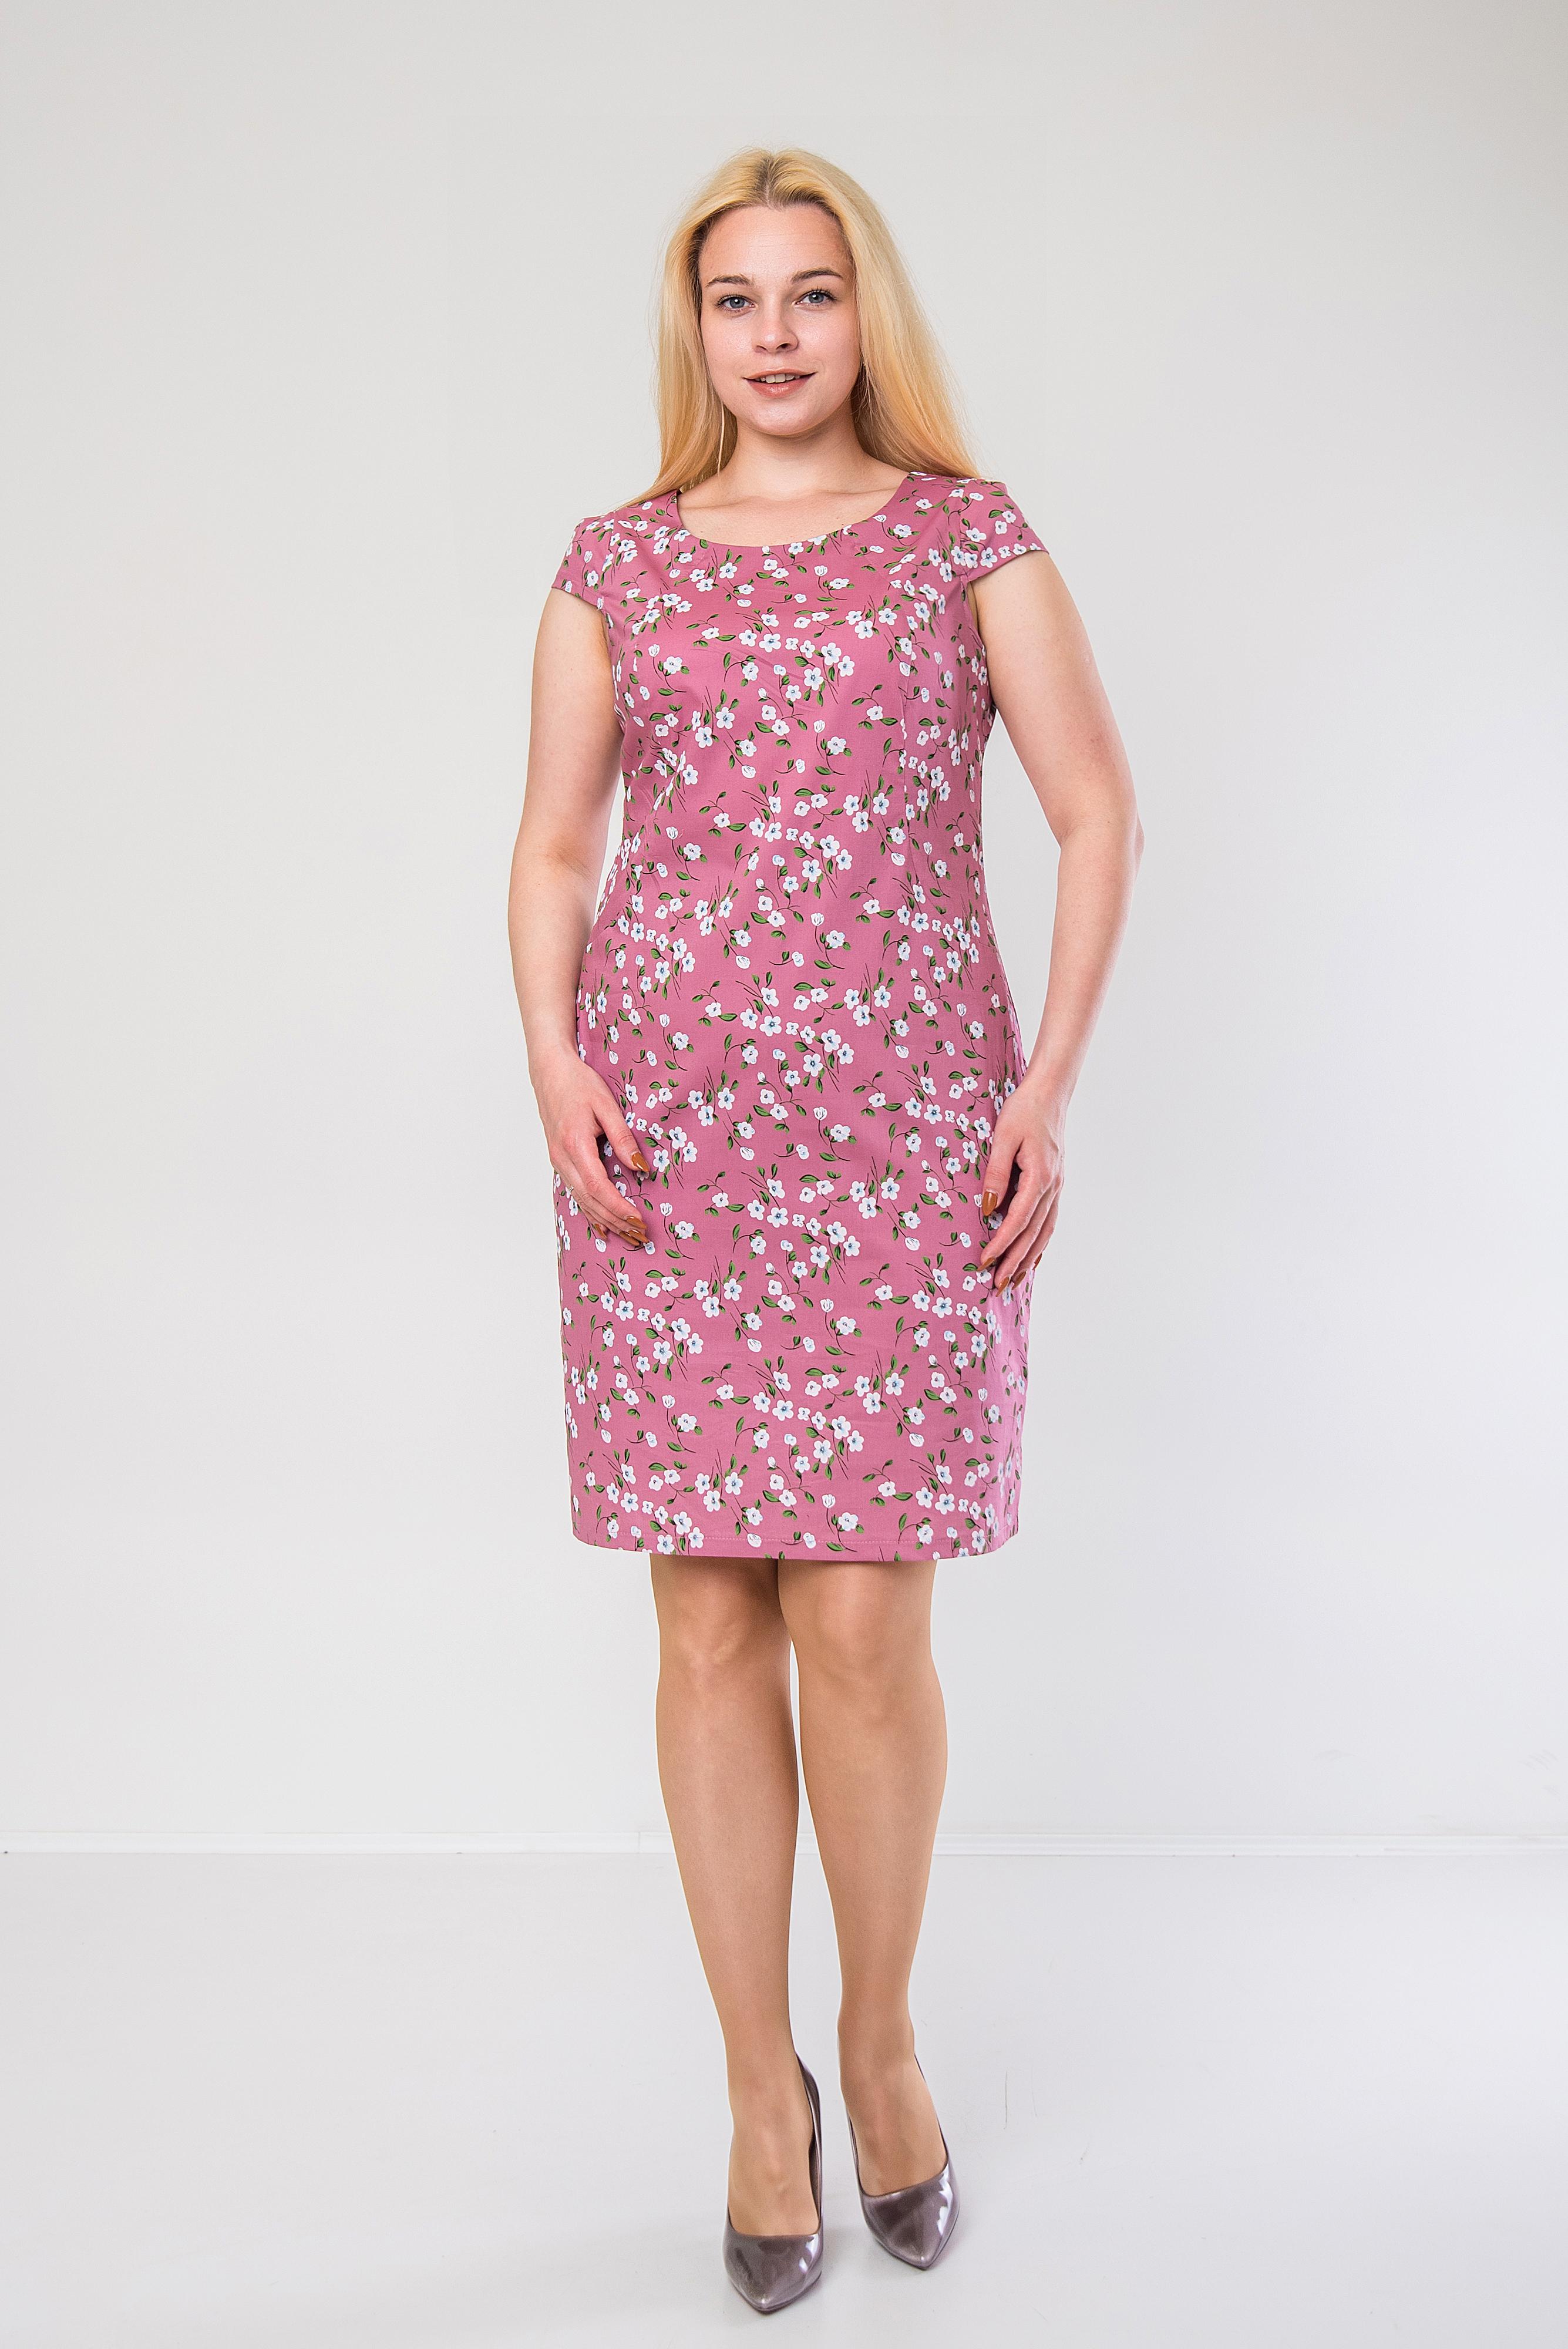 Лёгкое платье-футляр из стрейч-котона п-658 розовое